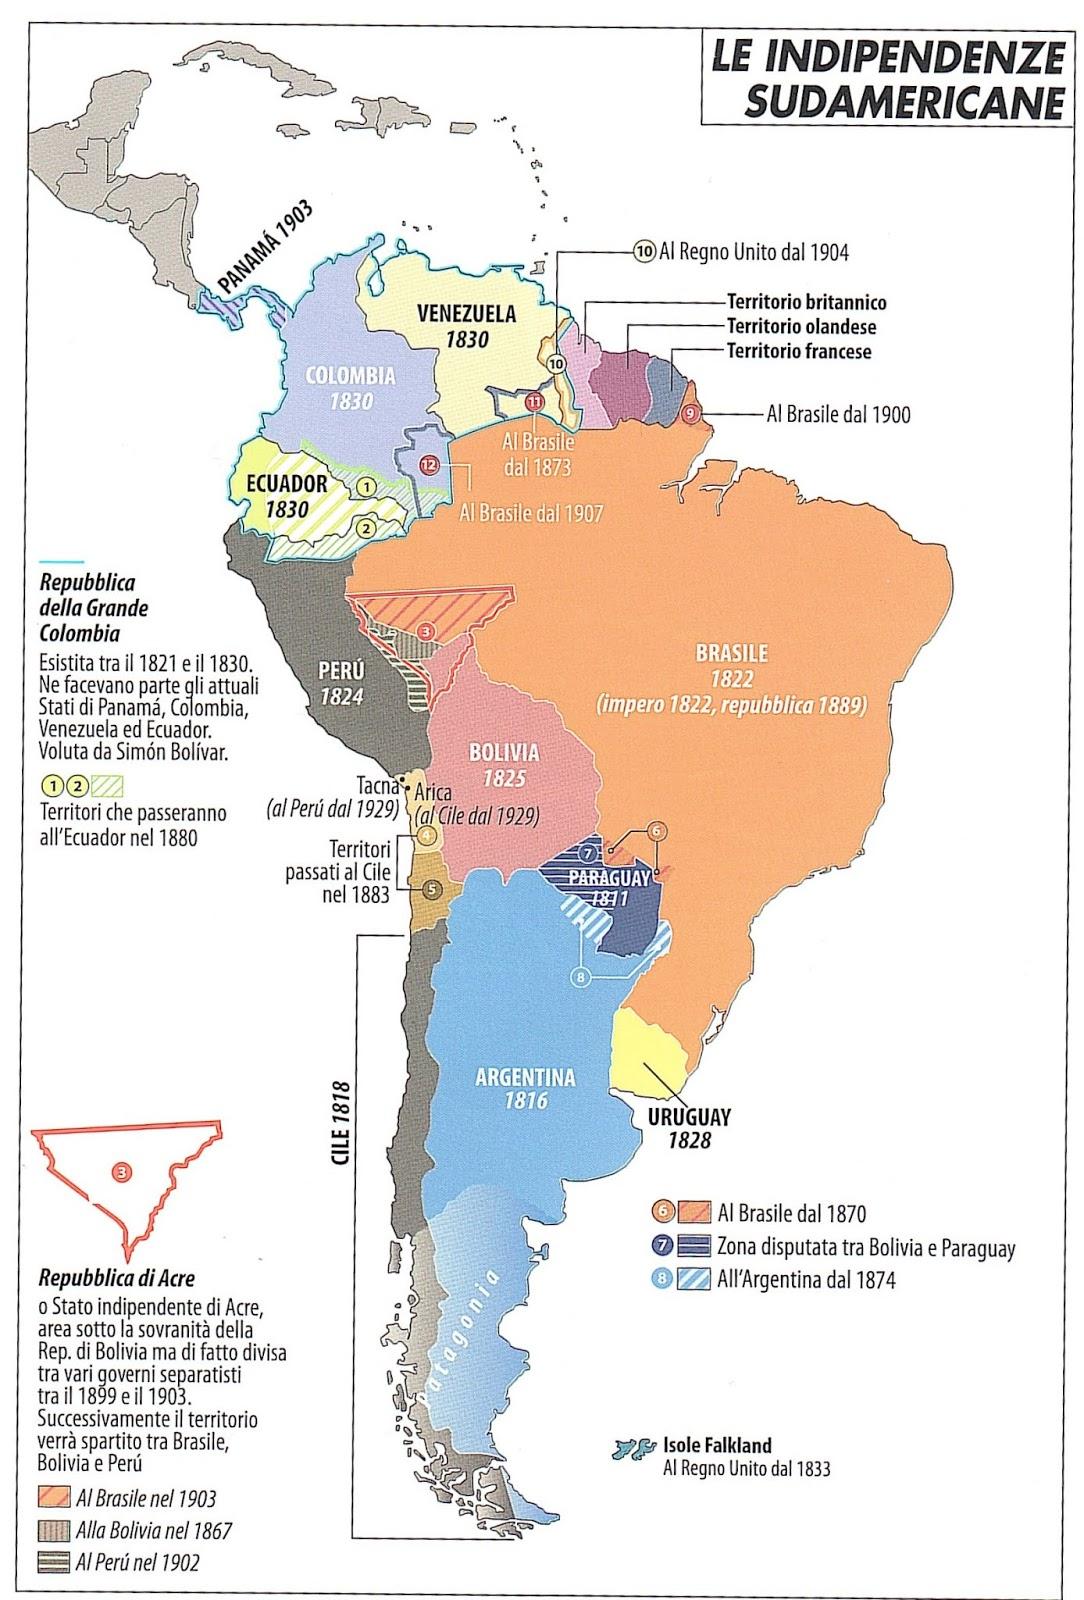 coltrinariatlanteamerica.blogspot.com: L'indipendenza ...